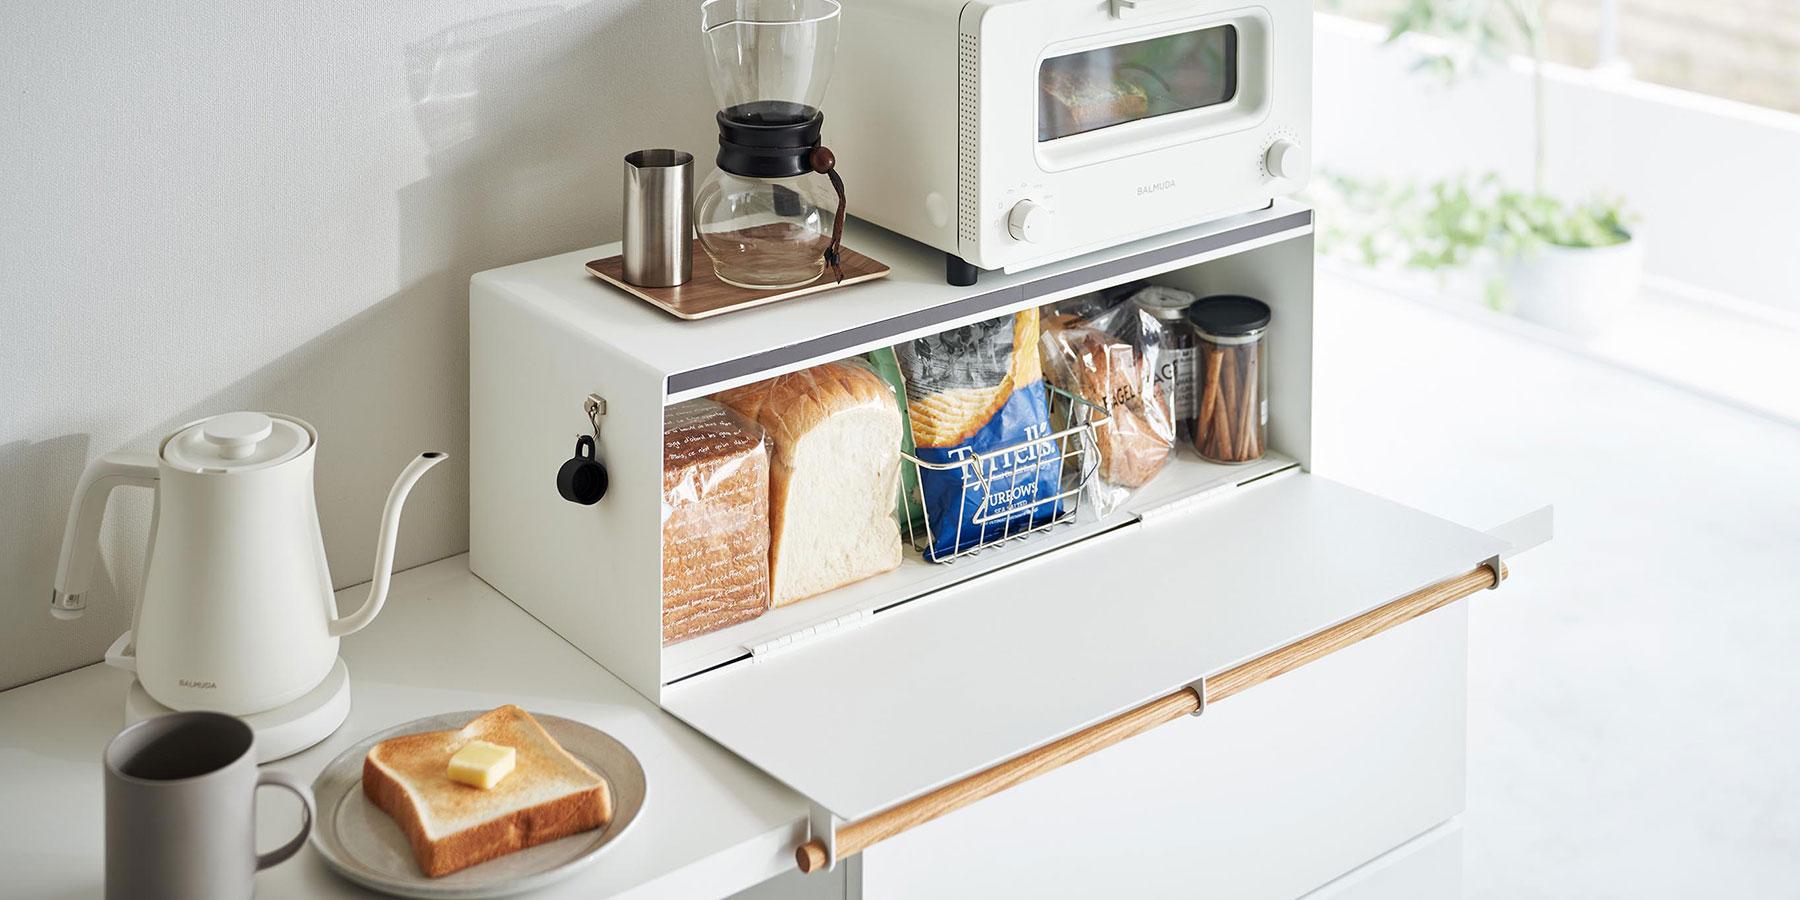 キッチンラック ディッシュラック 木製 キッチン収納棚 トスカ